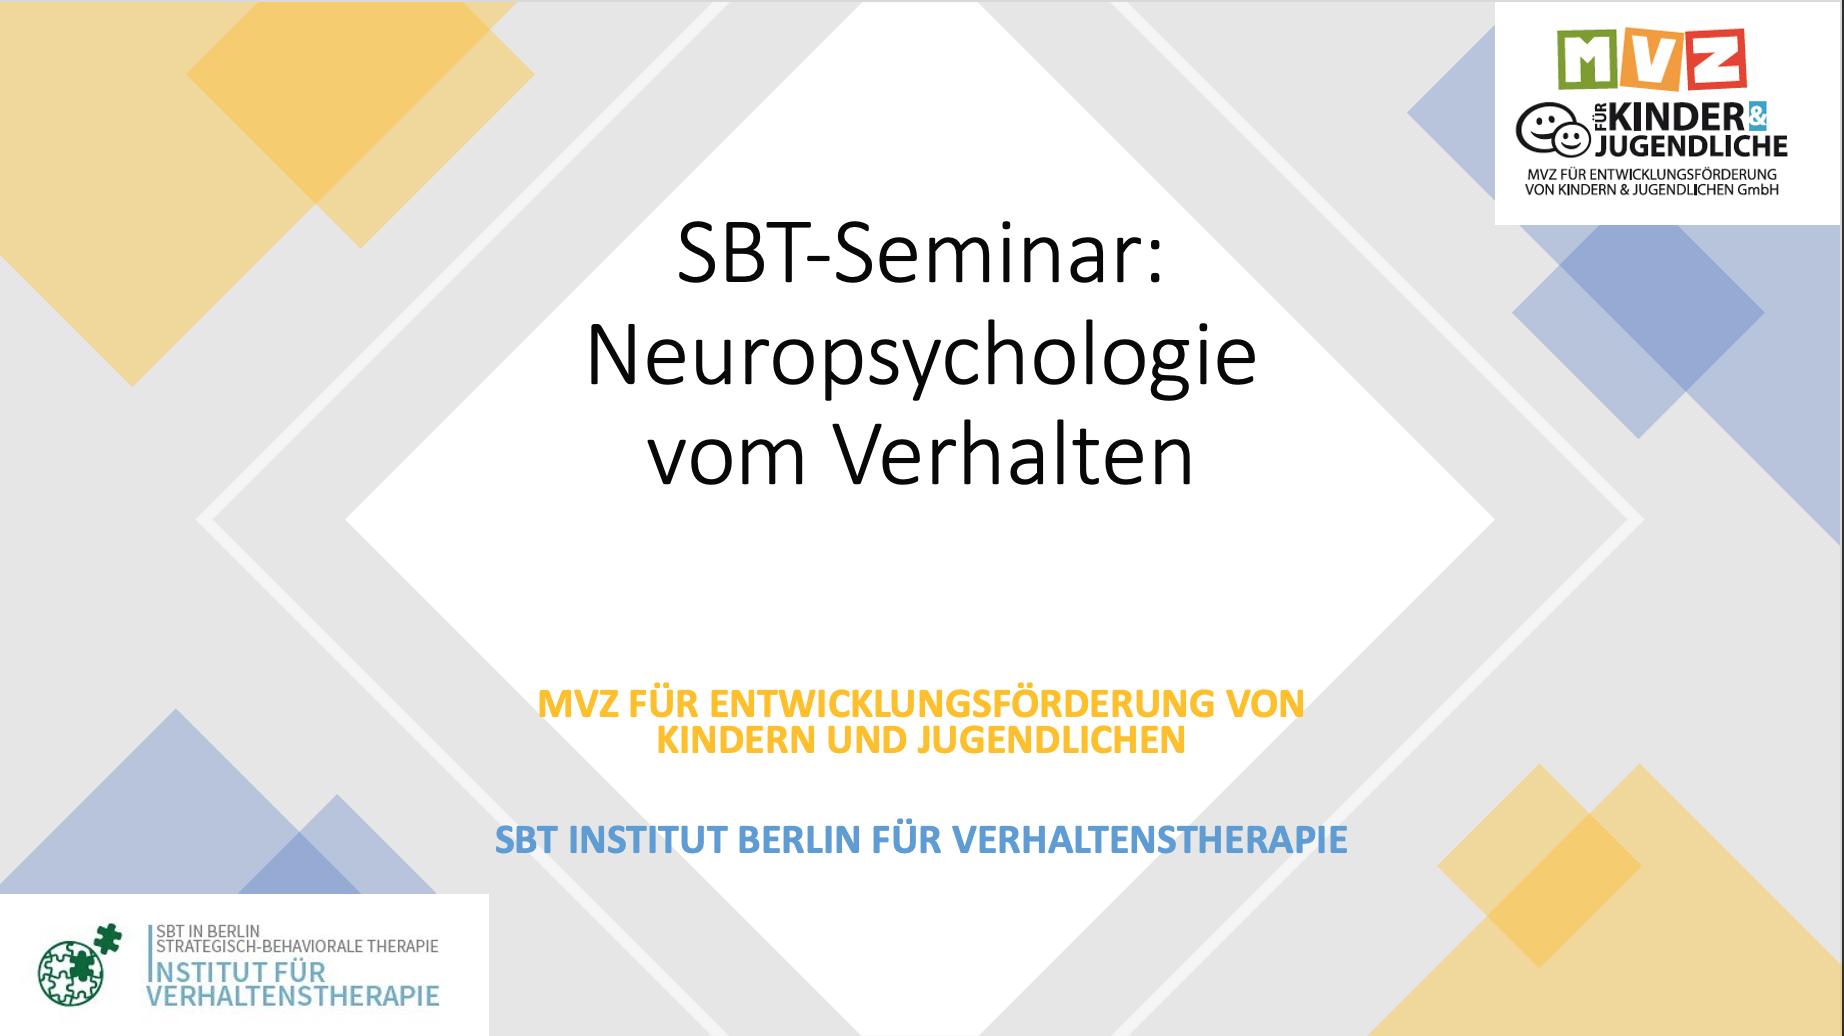 SBT Seminar: Neuropsychologie vom Verhalten